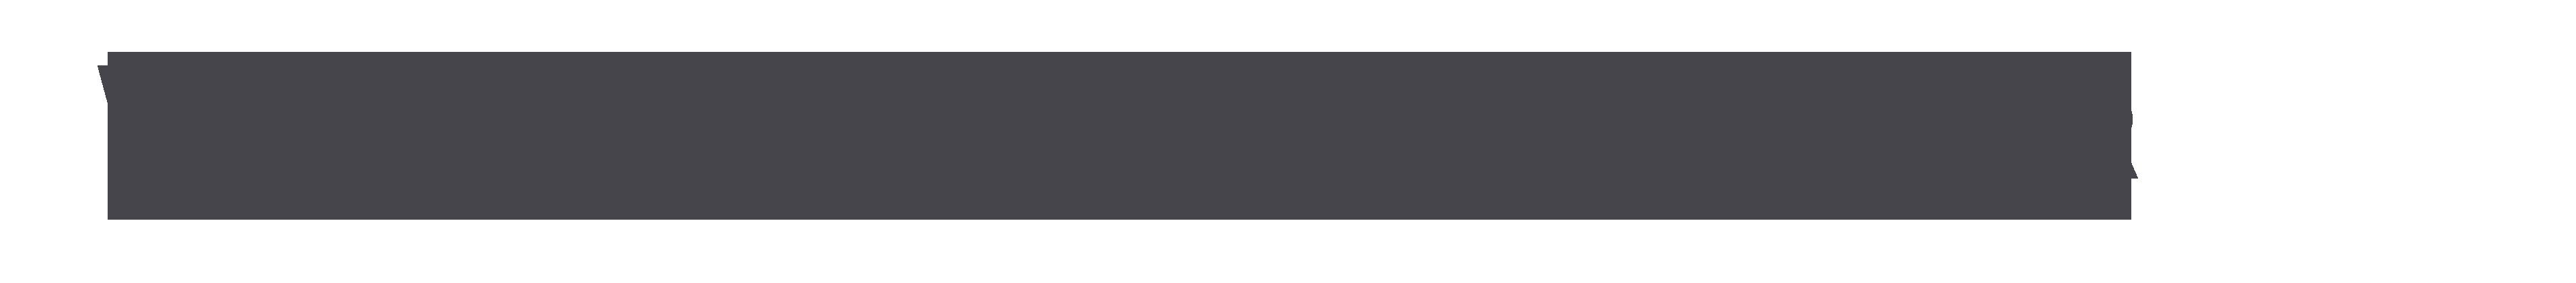 Wirtschaftskanzlei.com